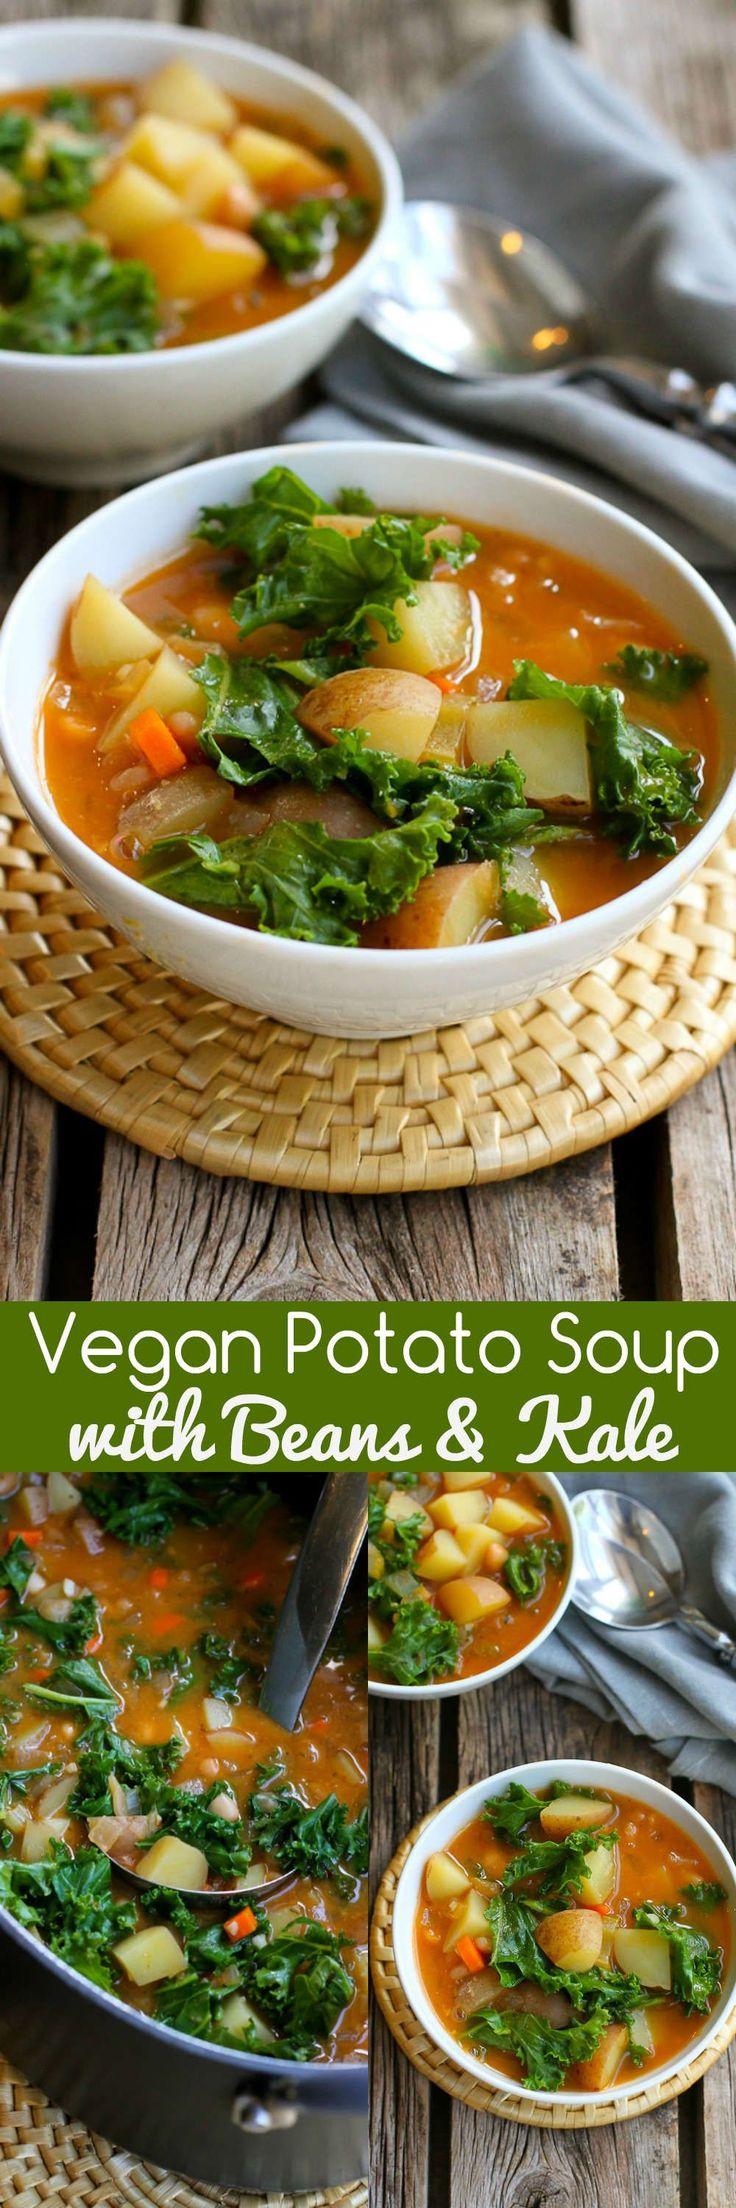 Sopa de patata Vegana con Frijoles y Kale ... Probablemente tengas todo en tu nevera y despensa para hacer esta deliciosa receta de sopa saludable! Genial para noches ajetreadas. 211 calorías y 5 Weight Watchers SmartPoints